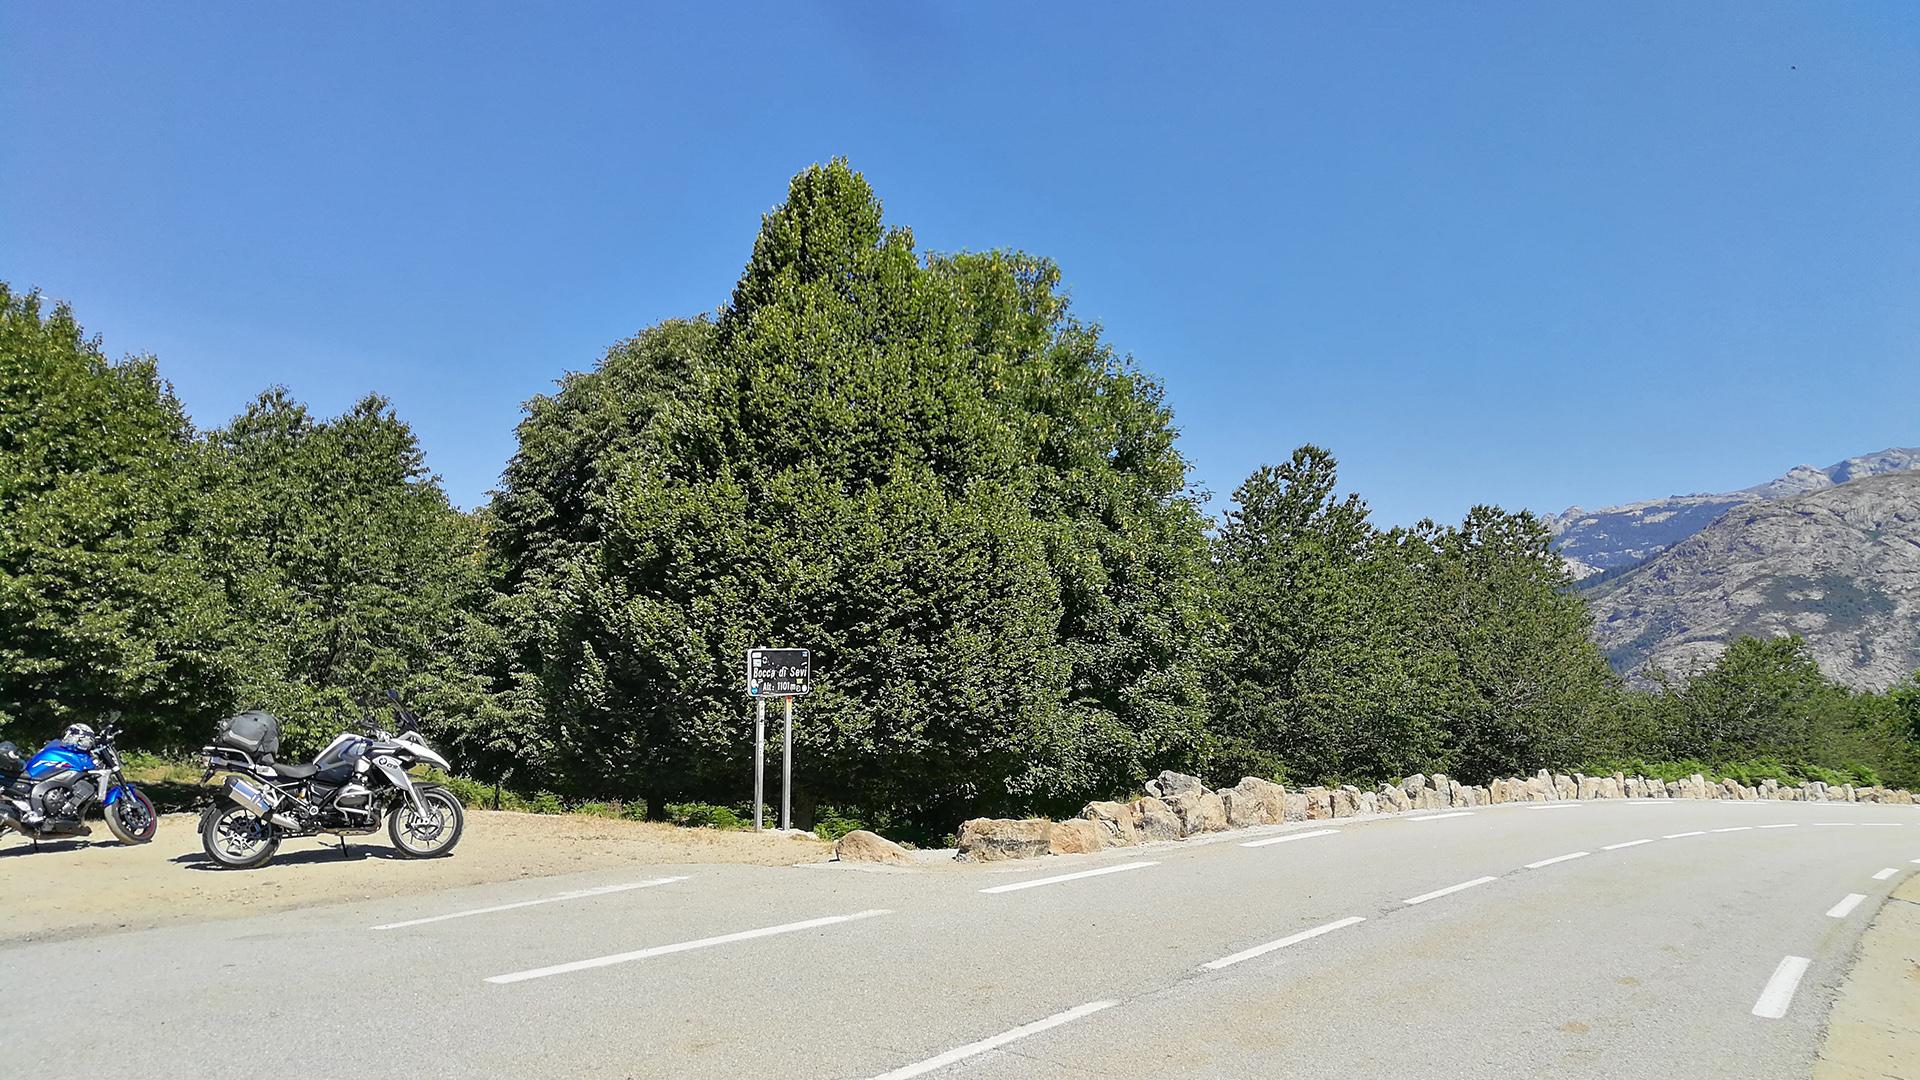 1101 - F (Corse) - Col de Sevi (Bocca di Sevi)